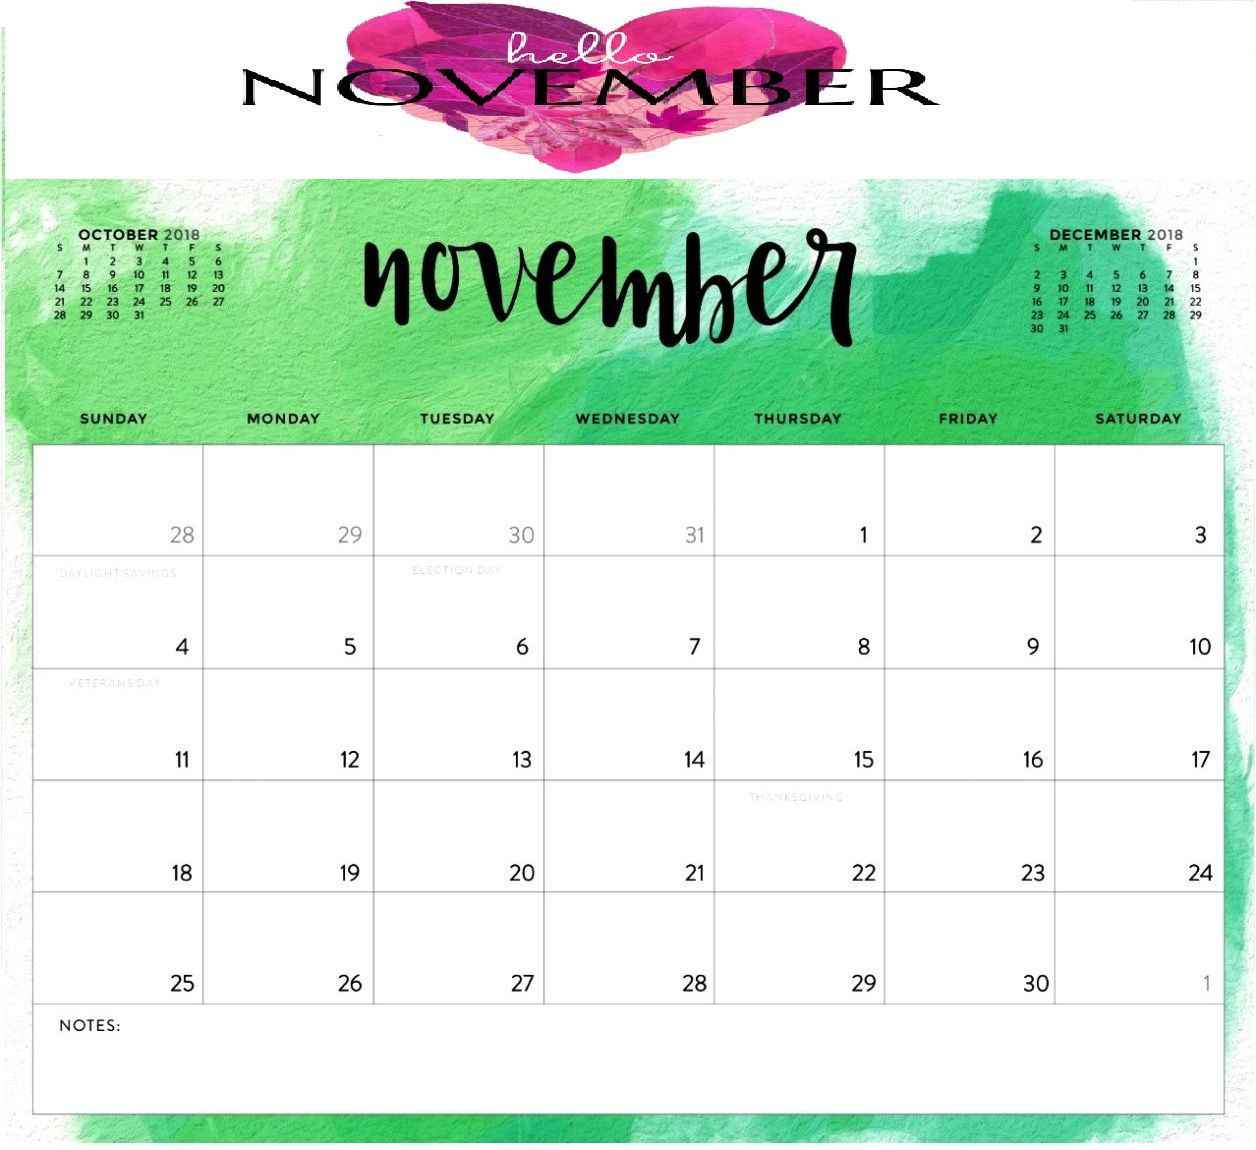 Hello November 2018 Calendar #hellonovember #november2018 #novembercalendar #hellonovembermonth Hello November 2018 Calendar #hellonovember #november2018 #novembercalendar #hellonovembermonth